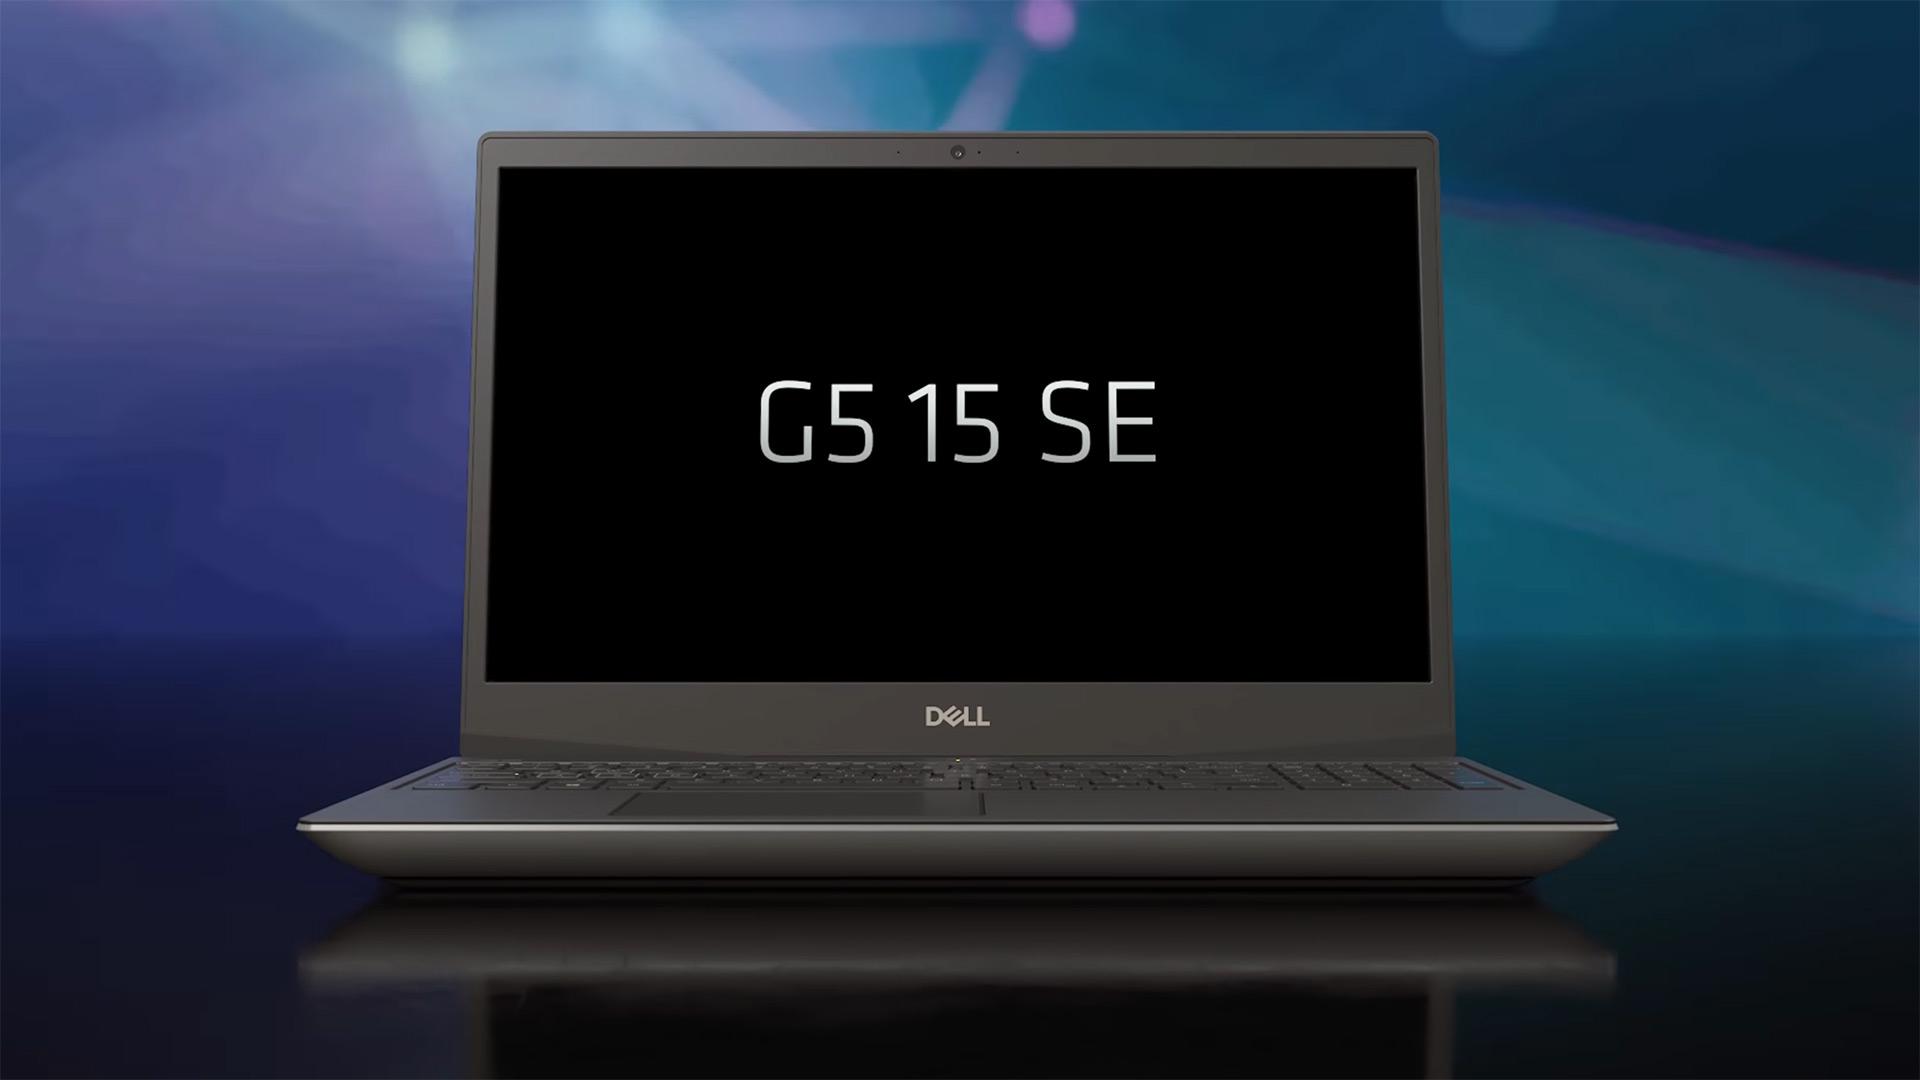 Aurten AMD SmartShift teknologia Dell G5 SE ordenagailu eramangarri batean bakarrik dago erabilgarri